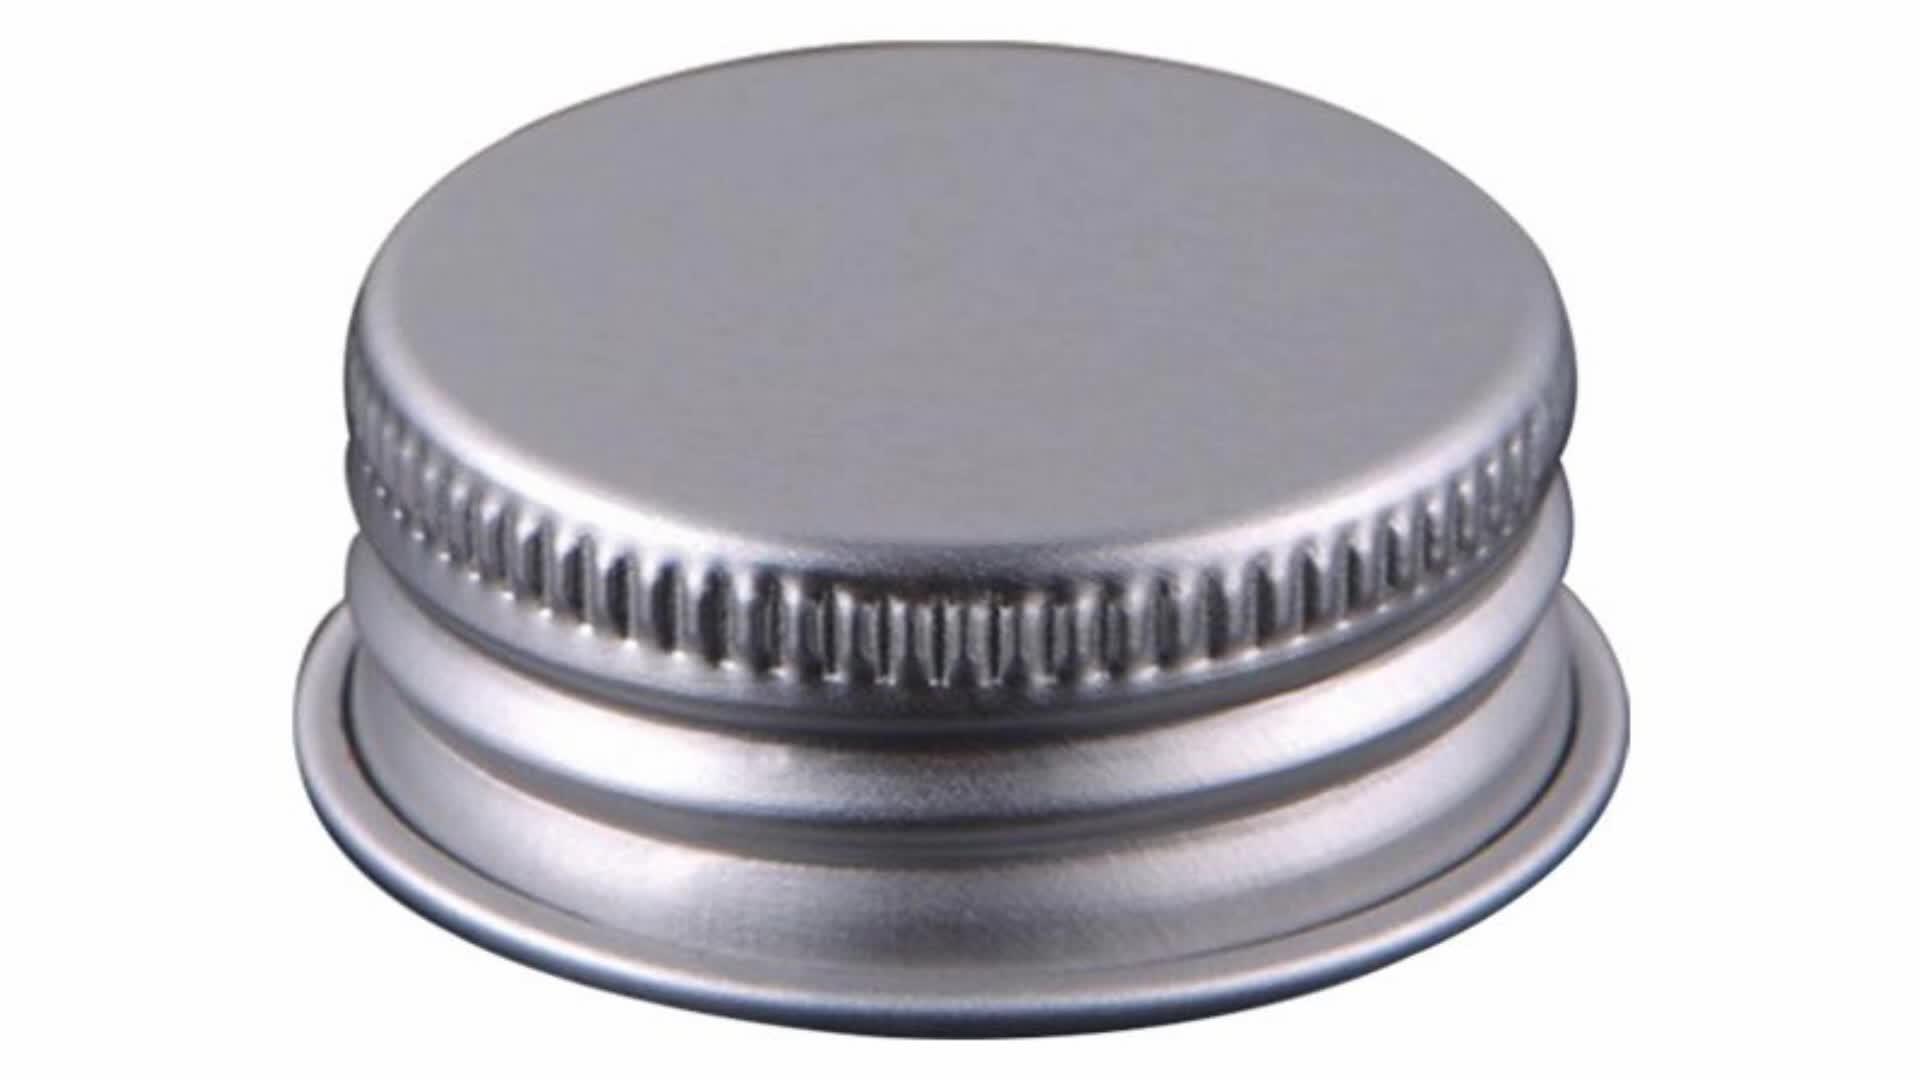 22 millimetri Argento Alluminio Lug Tappo A Vite Con Filler Pezzo Per La Bottiglia Di Olio di Vetro